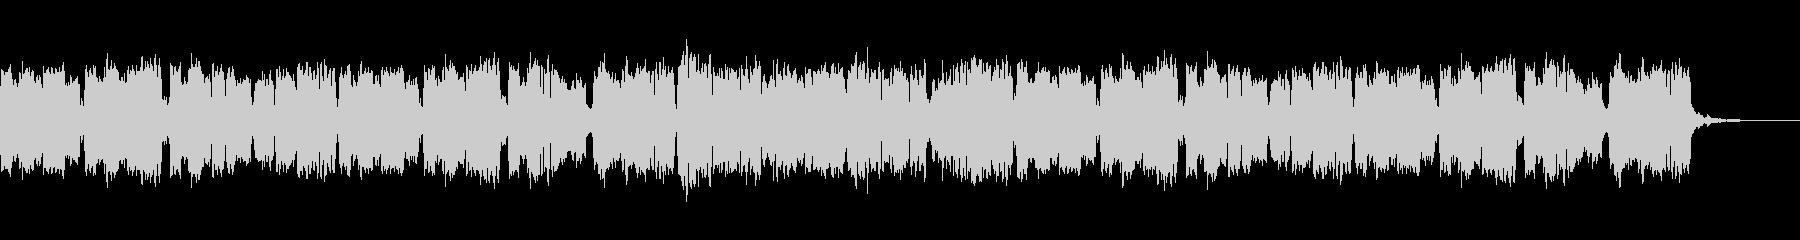 ほのぼのしたリコーダーのBGMの未再生の波形